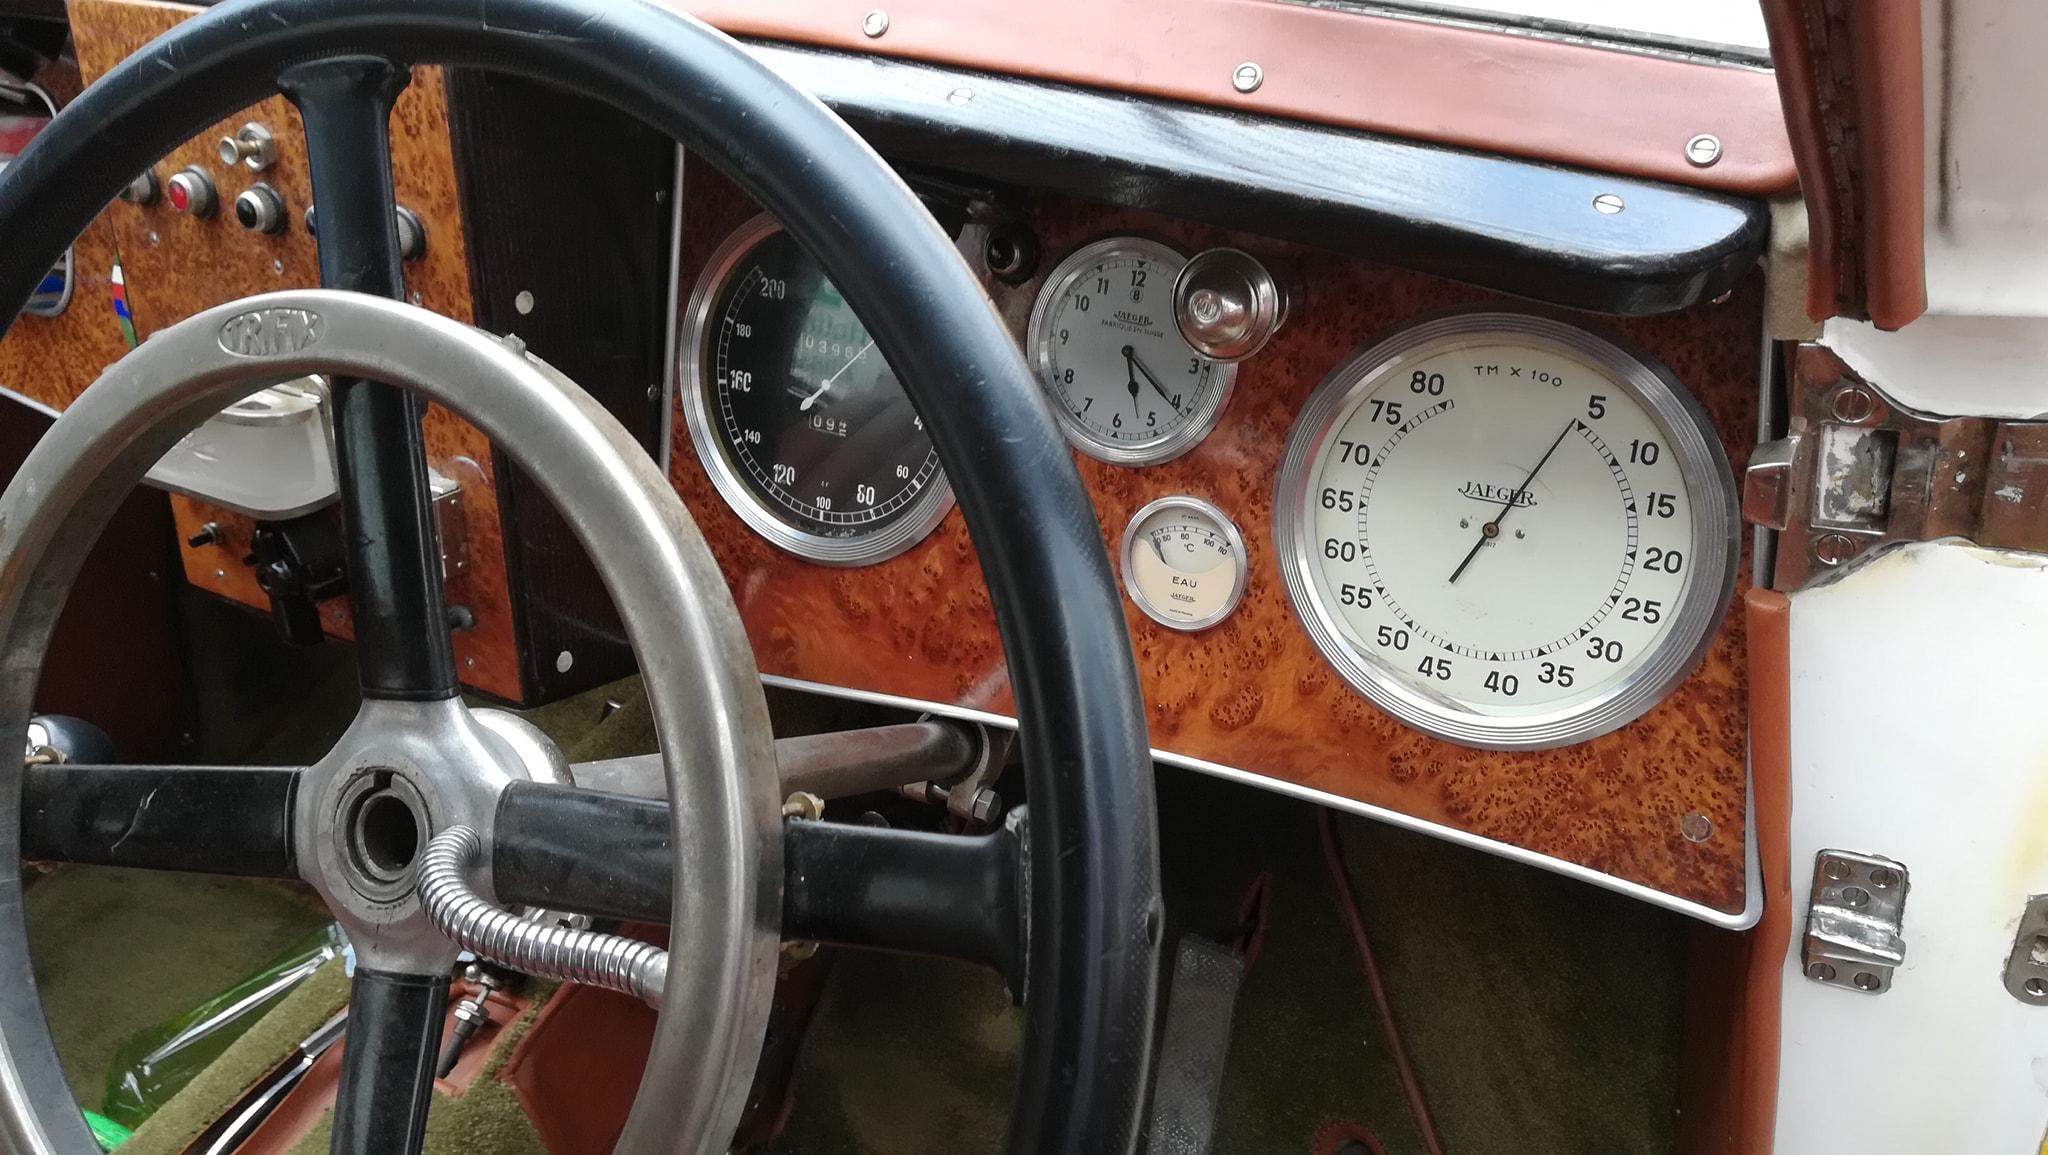 Tatra-77-1933-1934-klaar-gemaakt-voor-rally-1000-mij-in-CZ--(2)